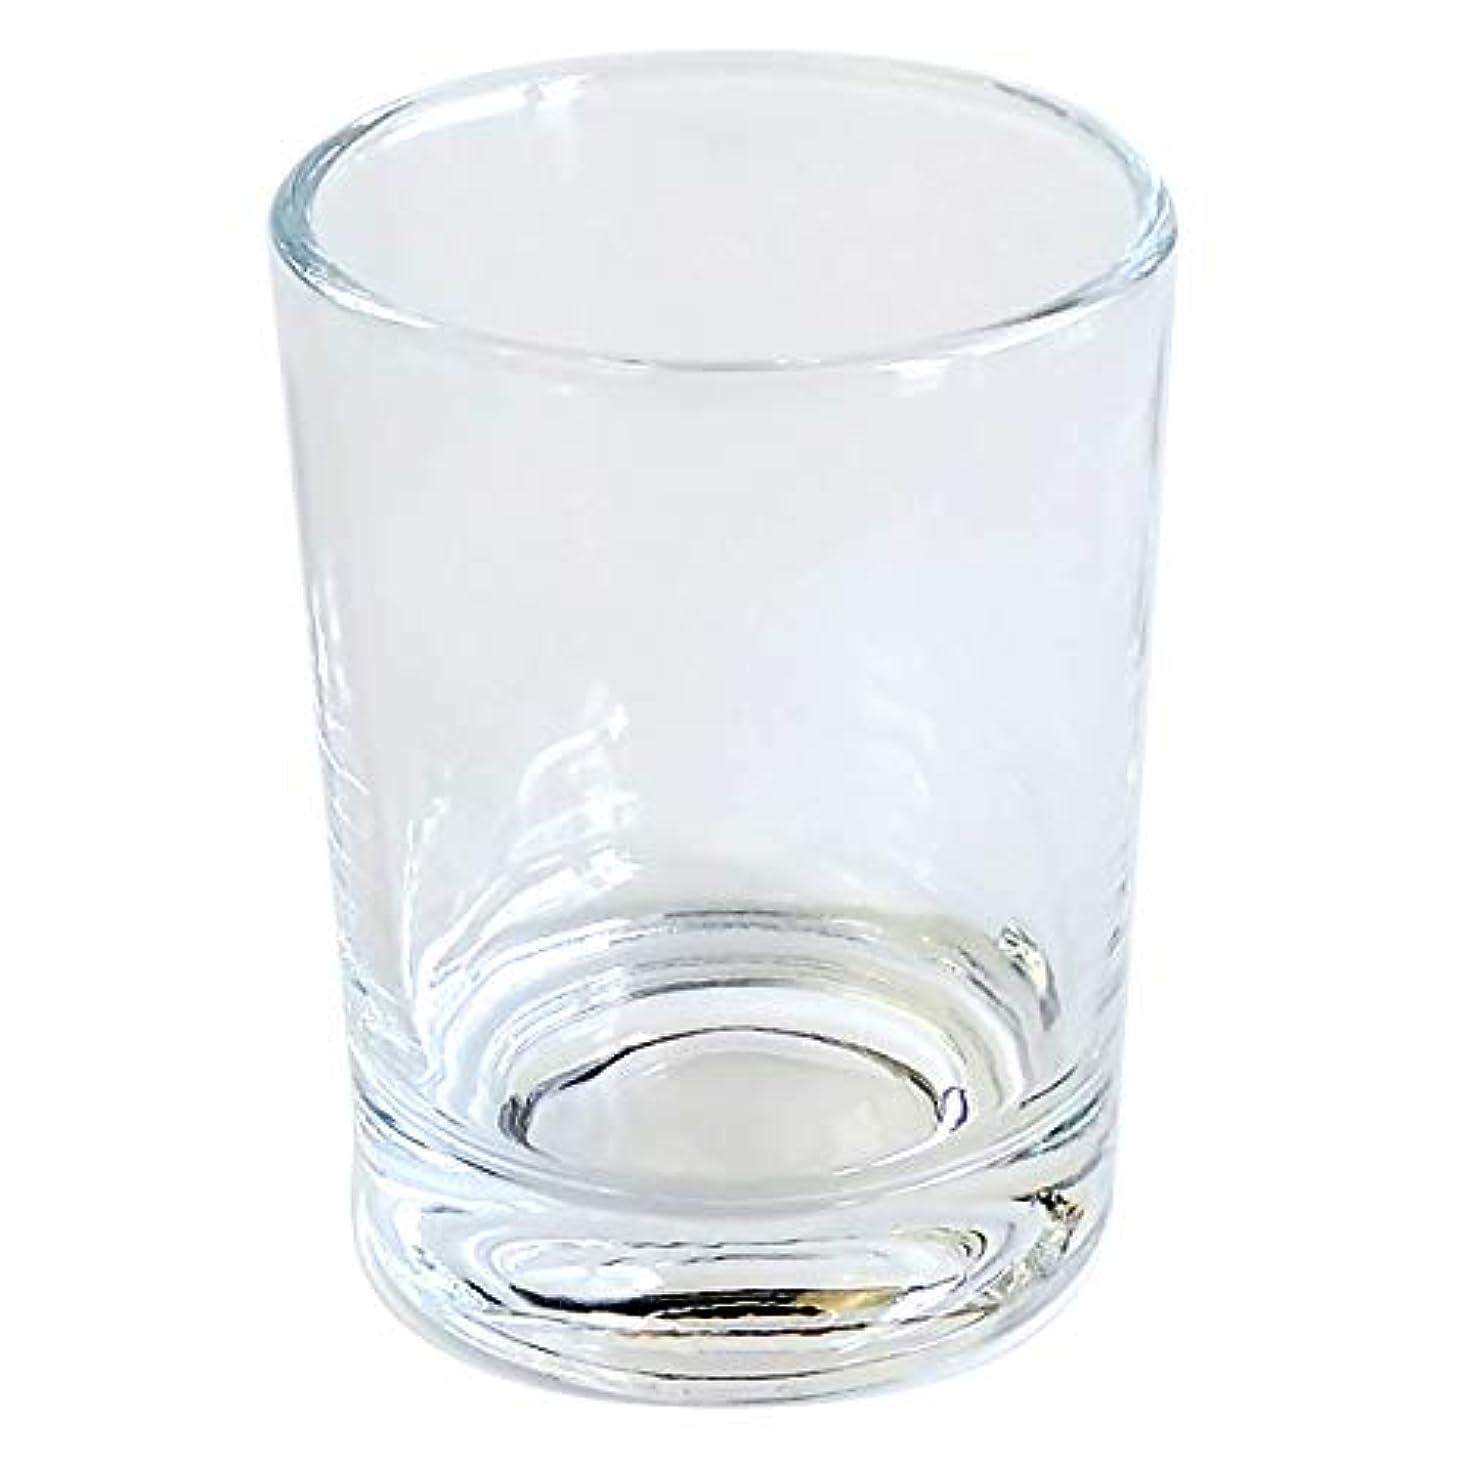 思いやりのある確かに風味キャンドルホルダー ガラス シンプル[大] 1個 キャンドルスタンド ろうそく立て おしゃれ